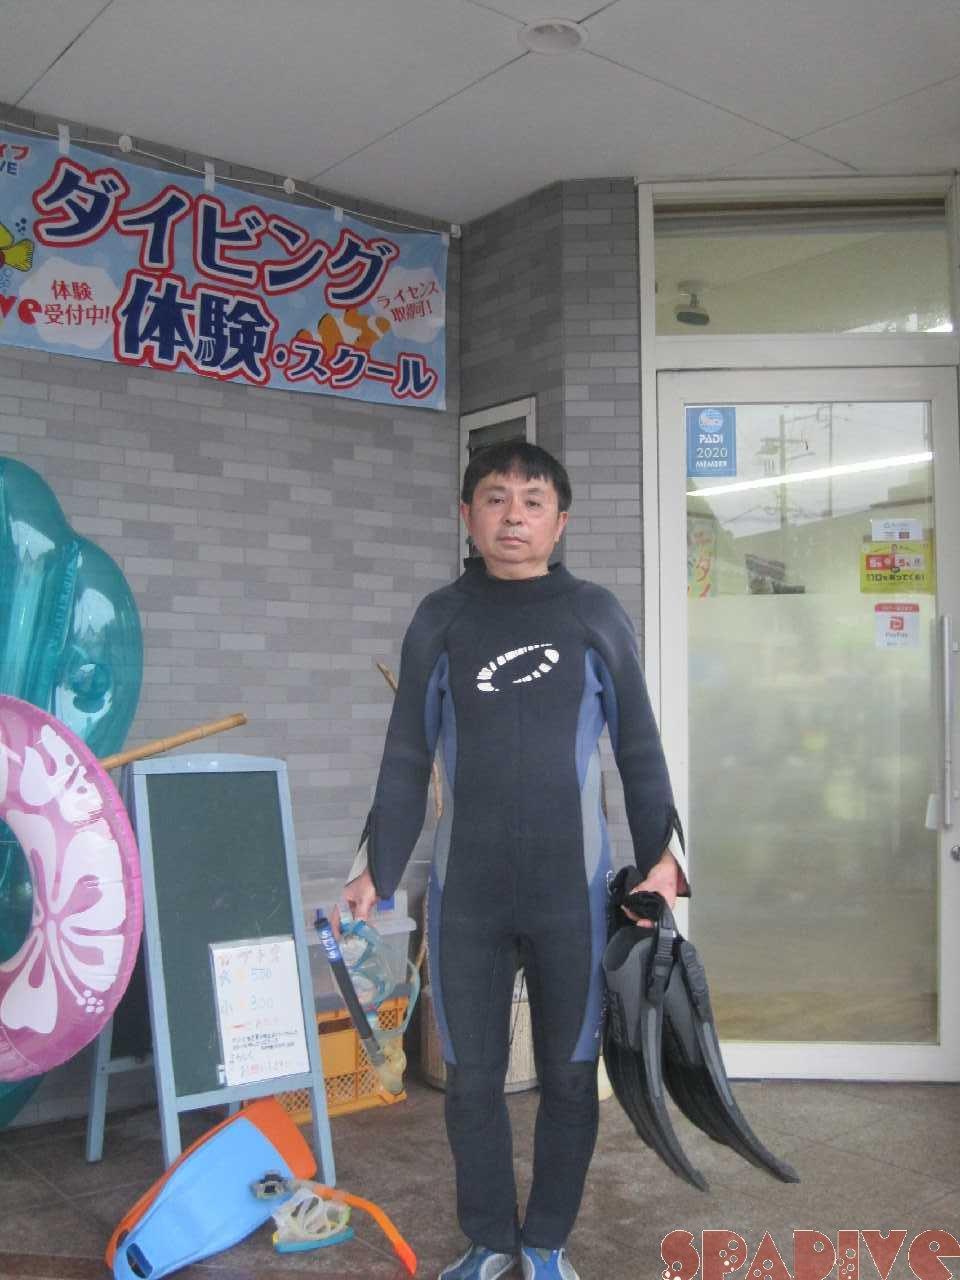 体験ダイビング店前画像